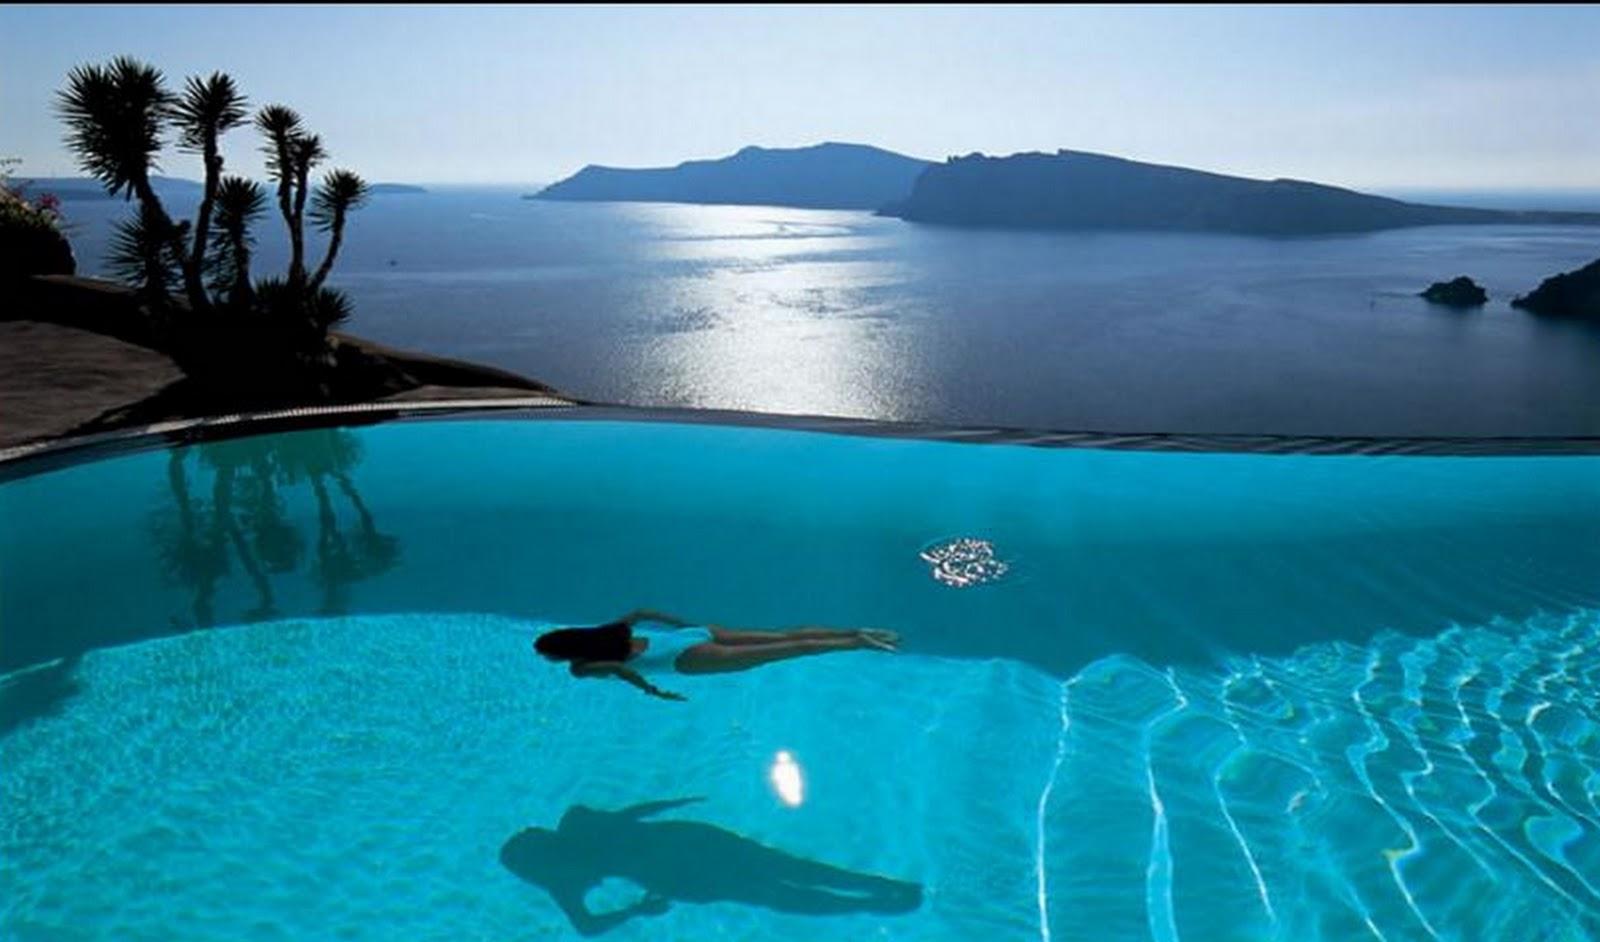 Hotel perivolas provavelmente a melhor piscina do mundo for Imagenes de piscinas bonitas